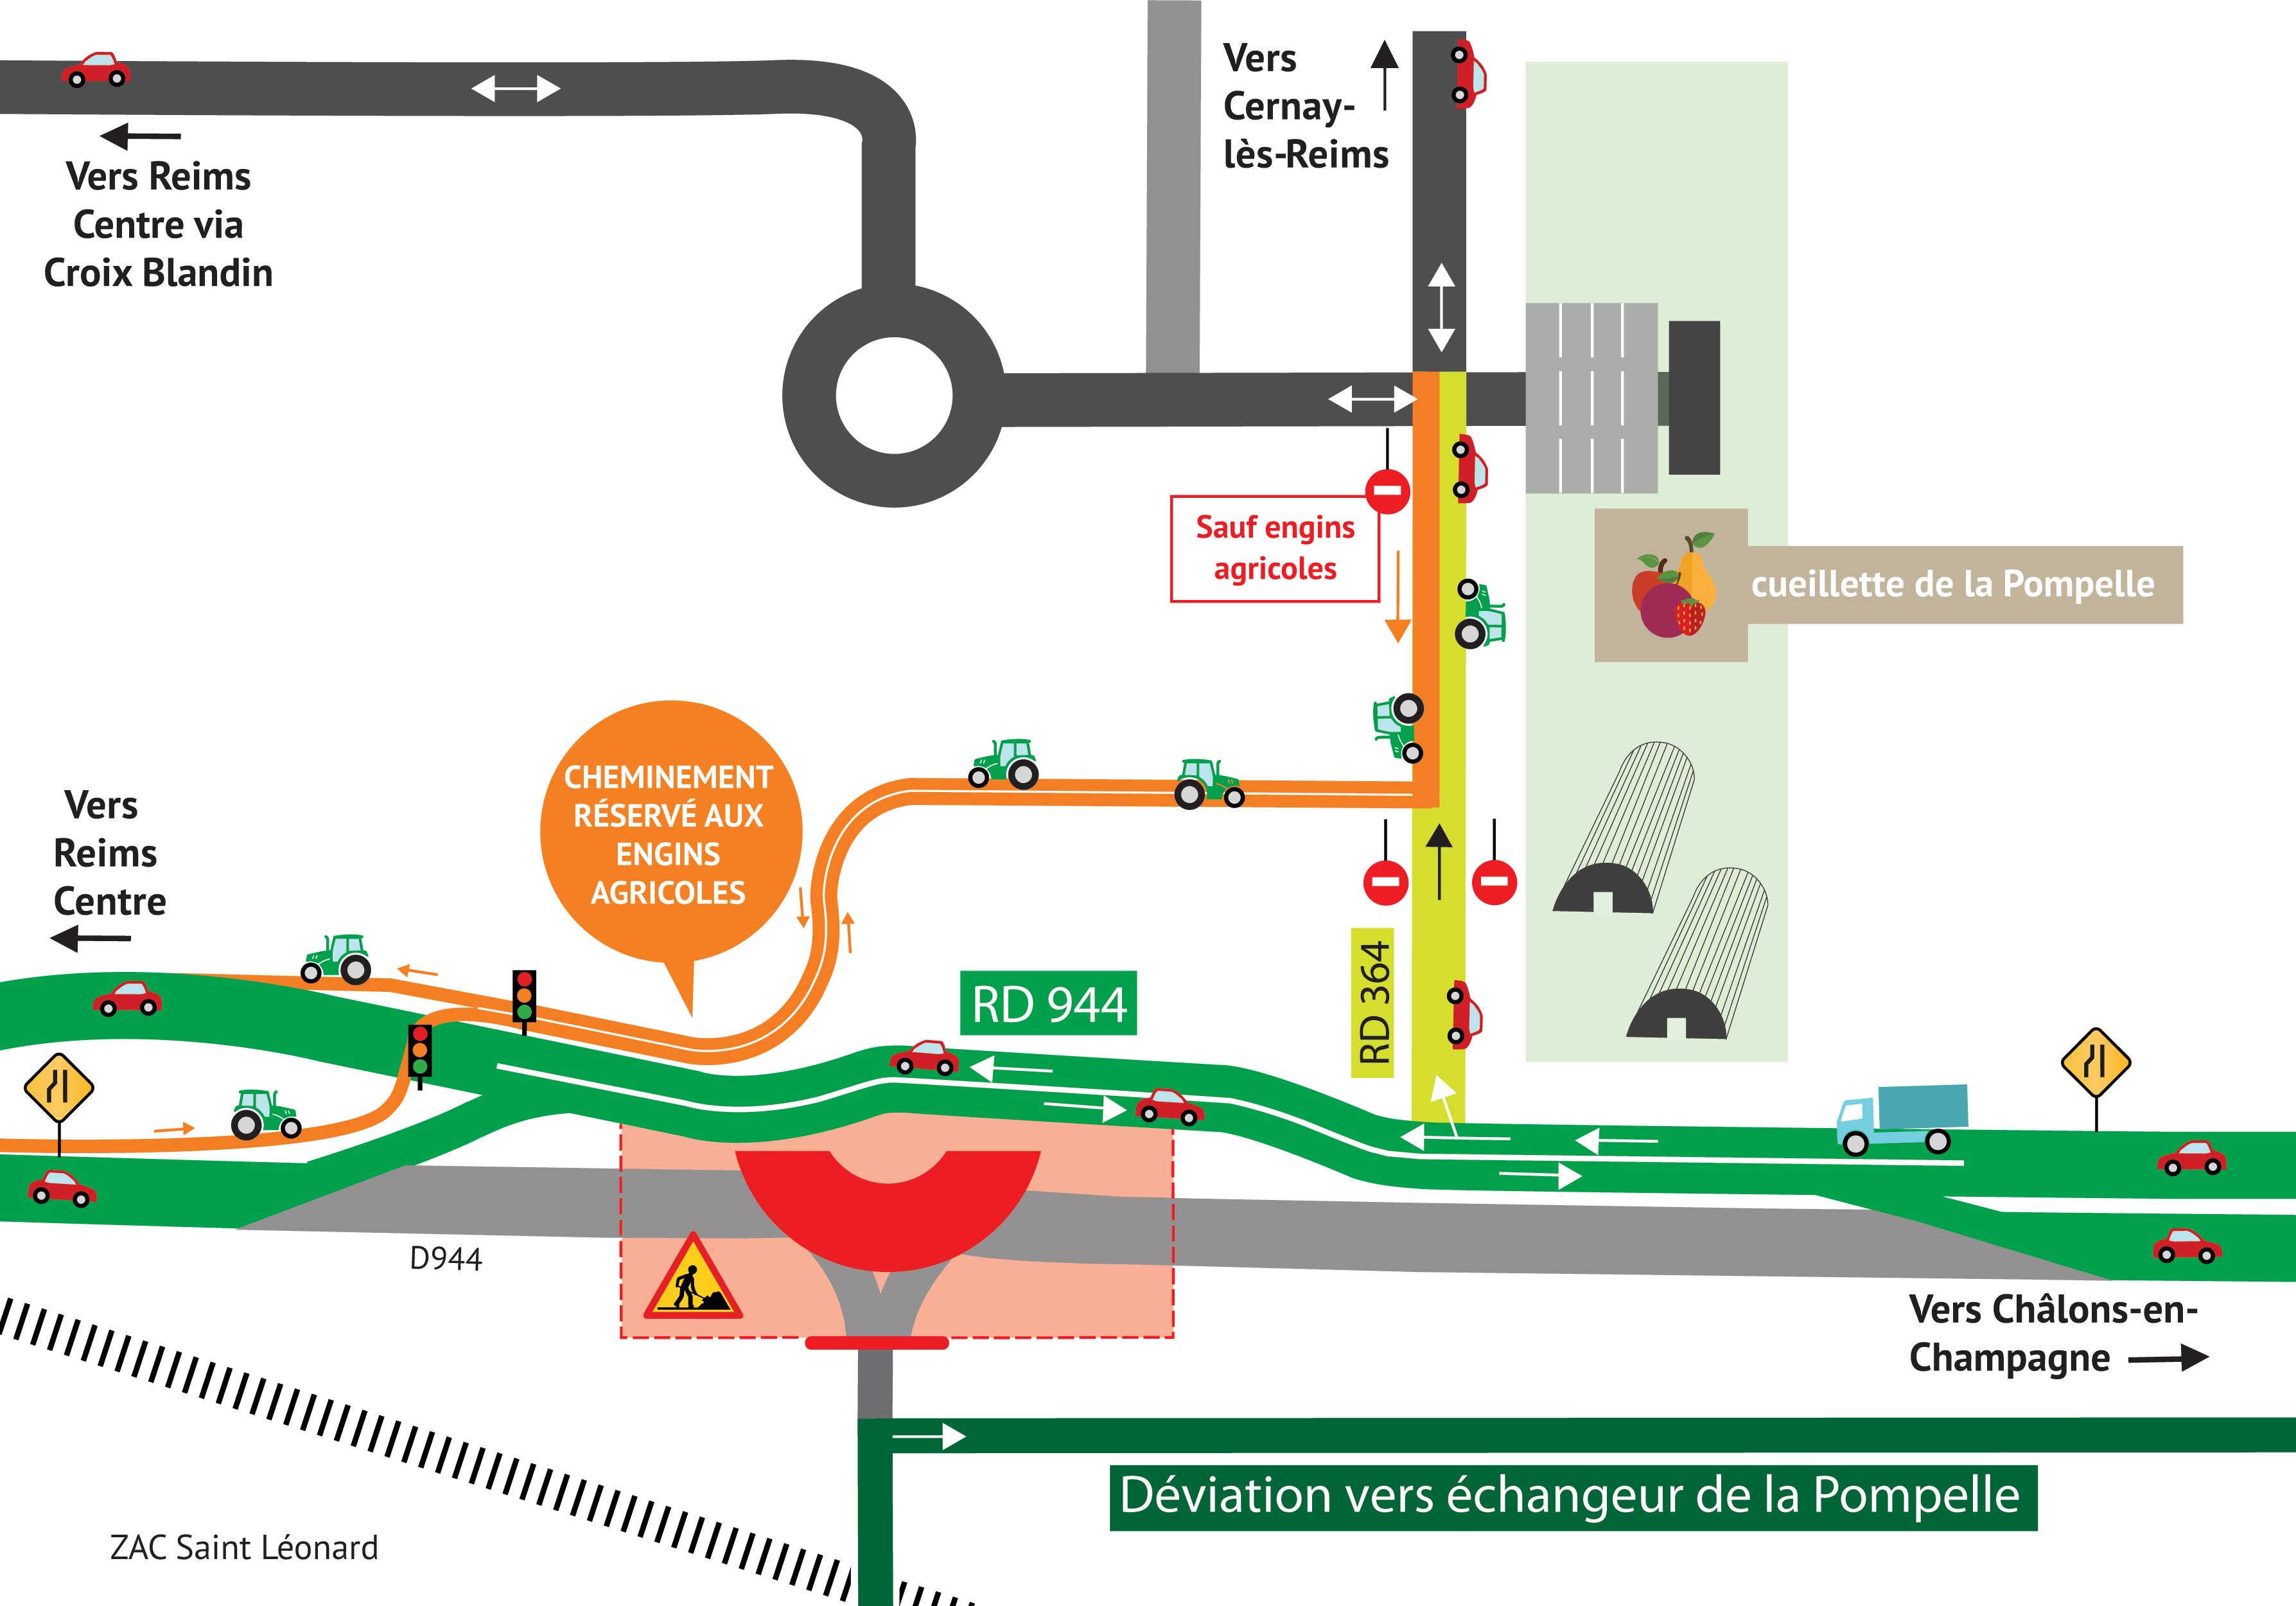 plan des travaux indiquant les sens de circulation et de trafic avec le giratoire en rouge, la RD944 sur une voie en vert, le chemin agricole en orange et l'accès à la cueillette de la Pompelle en vert clair